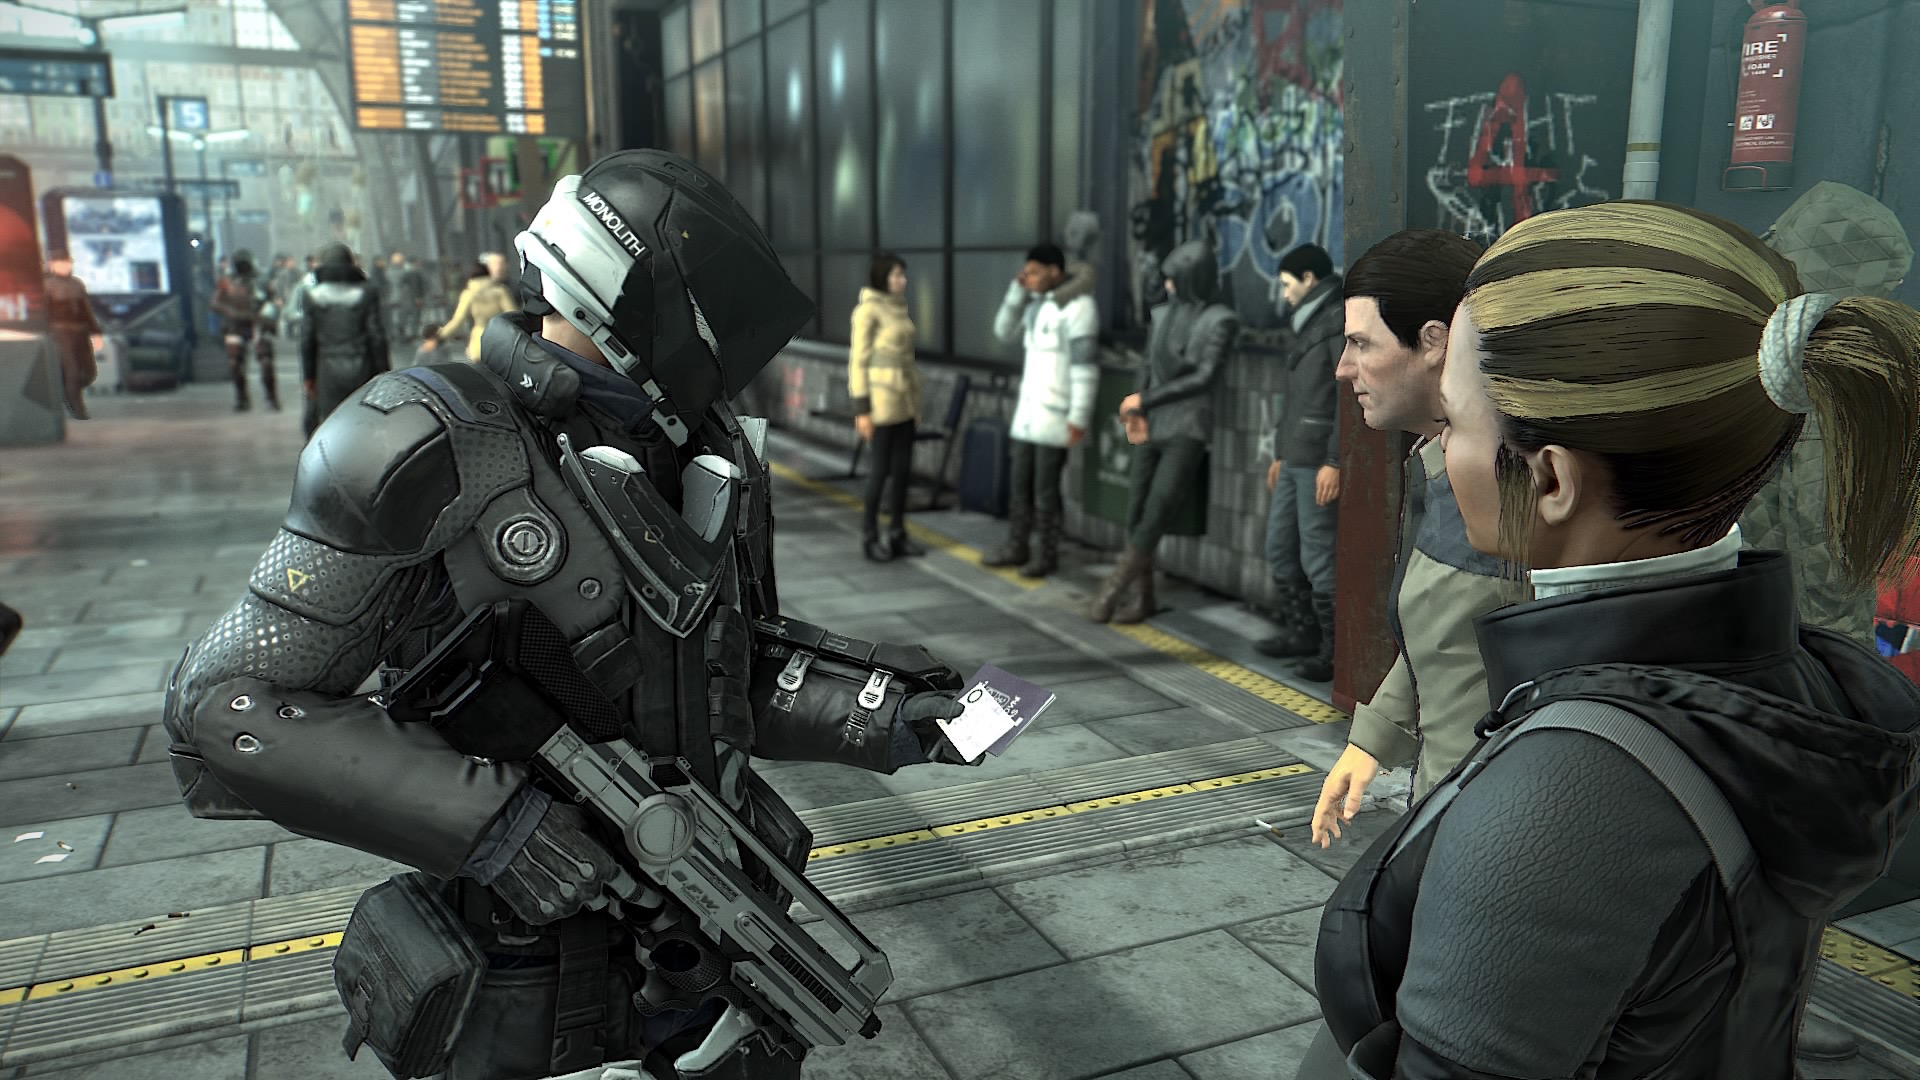 Jak będzie wyglądać technologia użytkowa w 2029 roku? Sprawdzamy na przykładzie Deus Ex: Mankind Divided